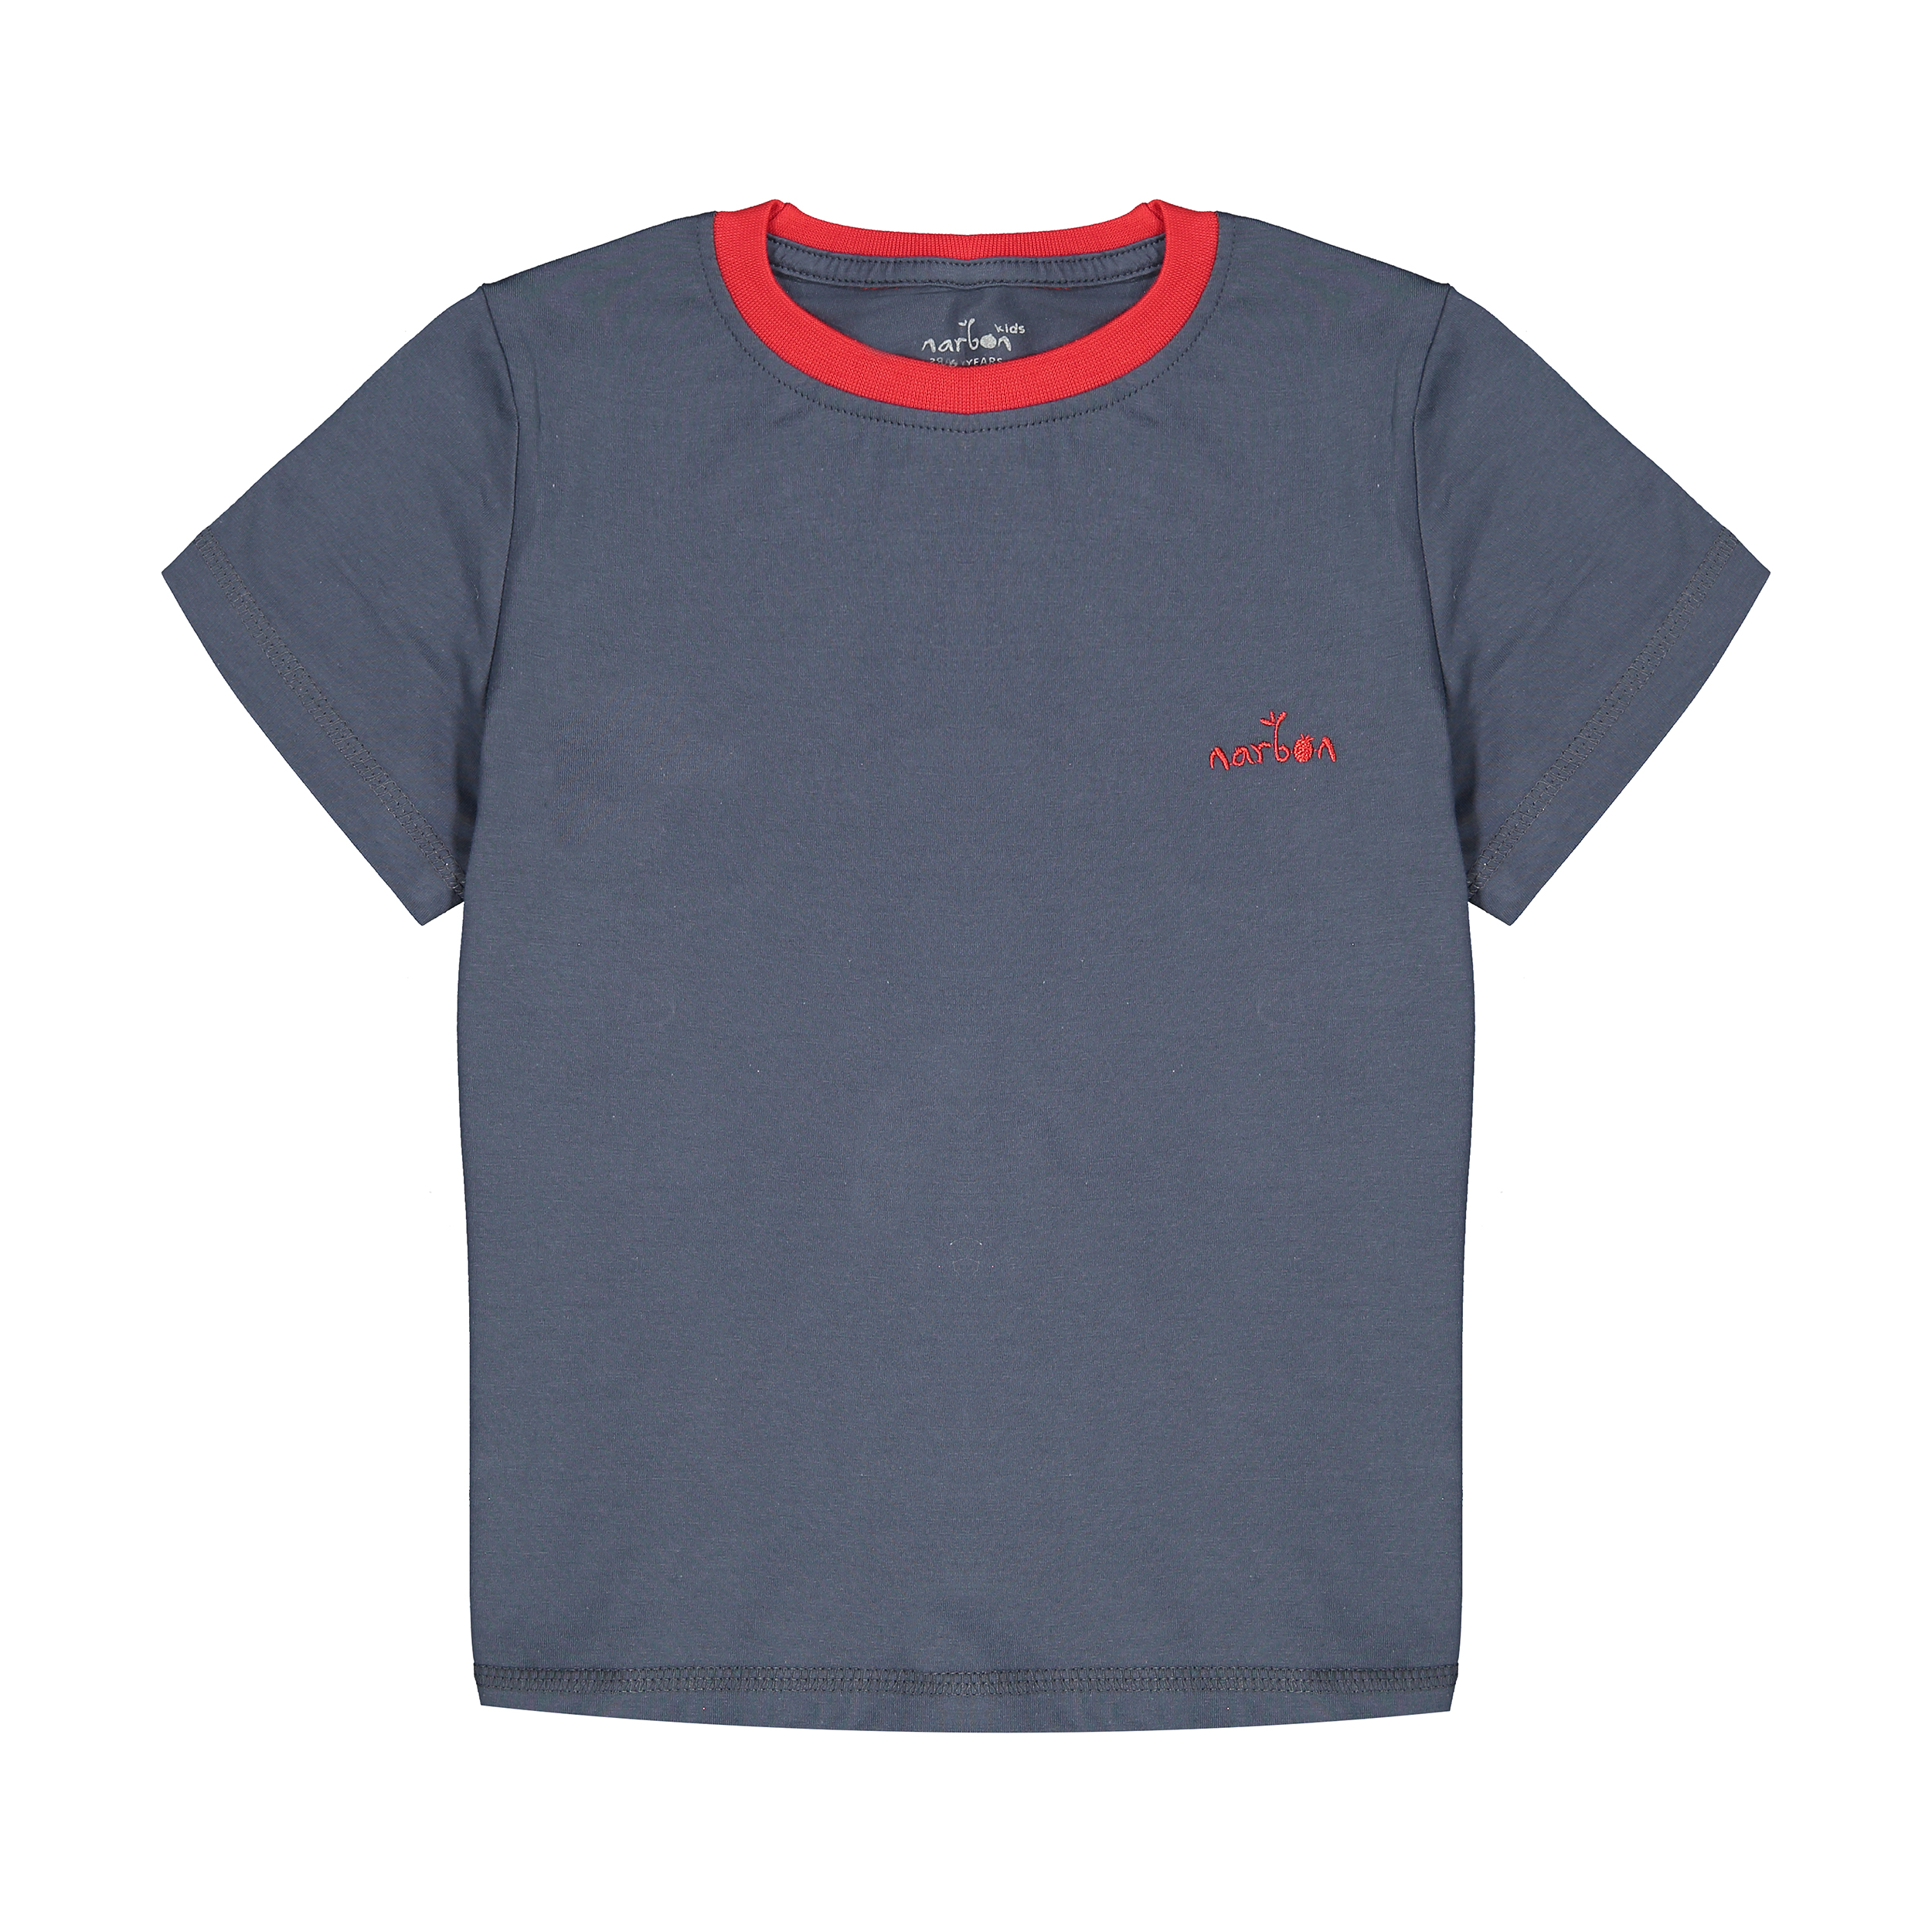 تی شرت بچگانه ناربن مدل 1521182-94